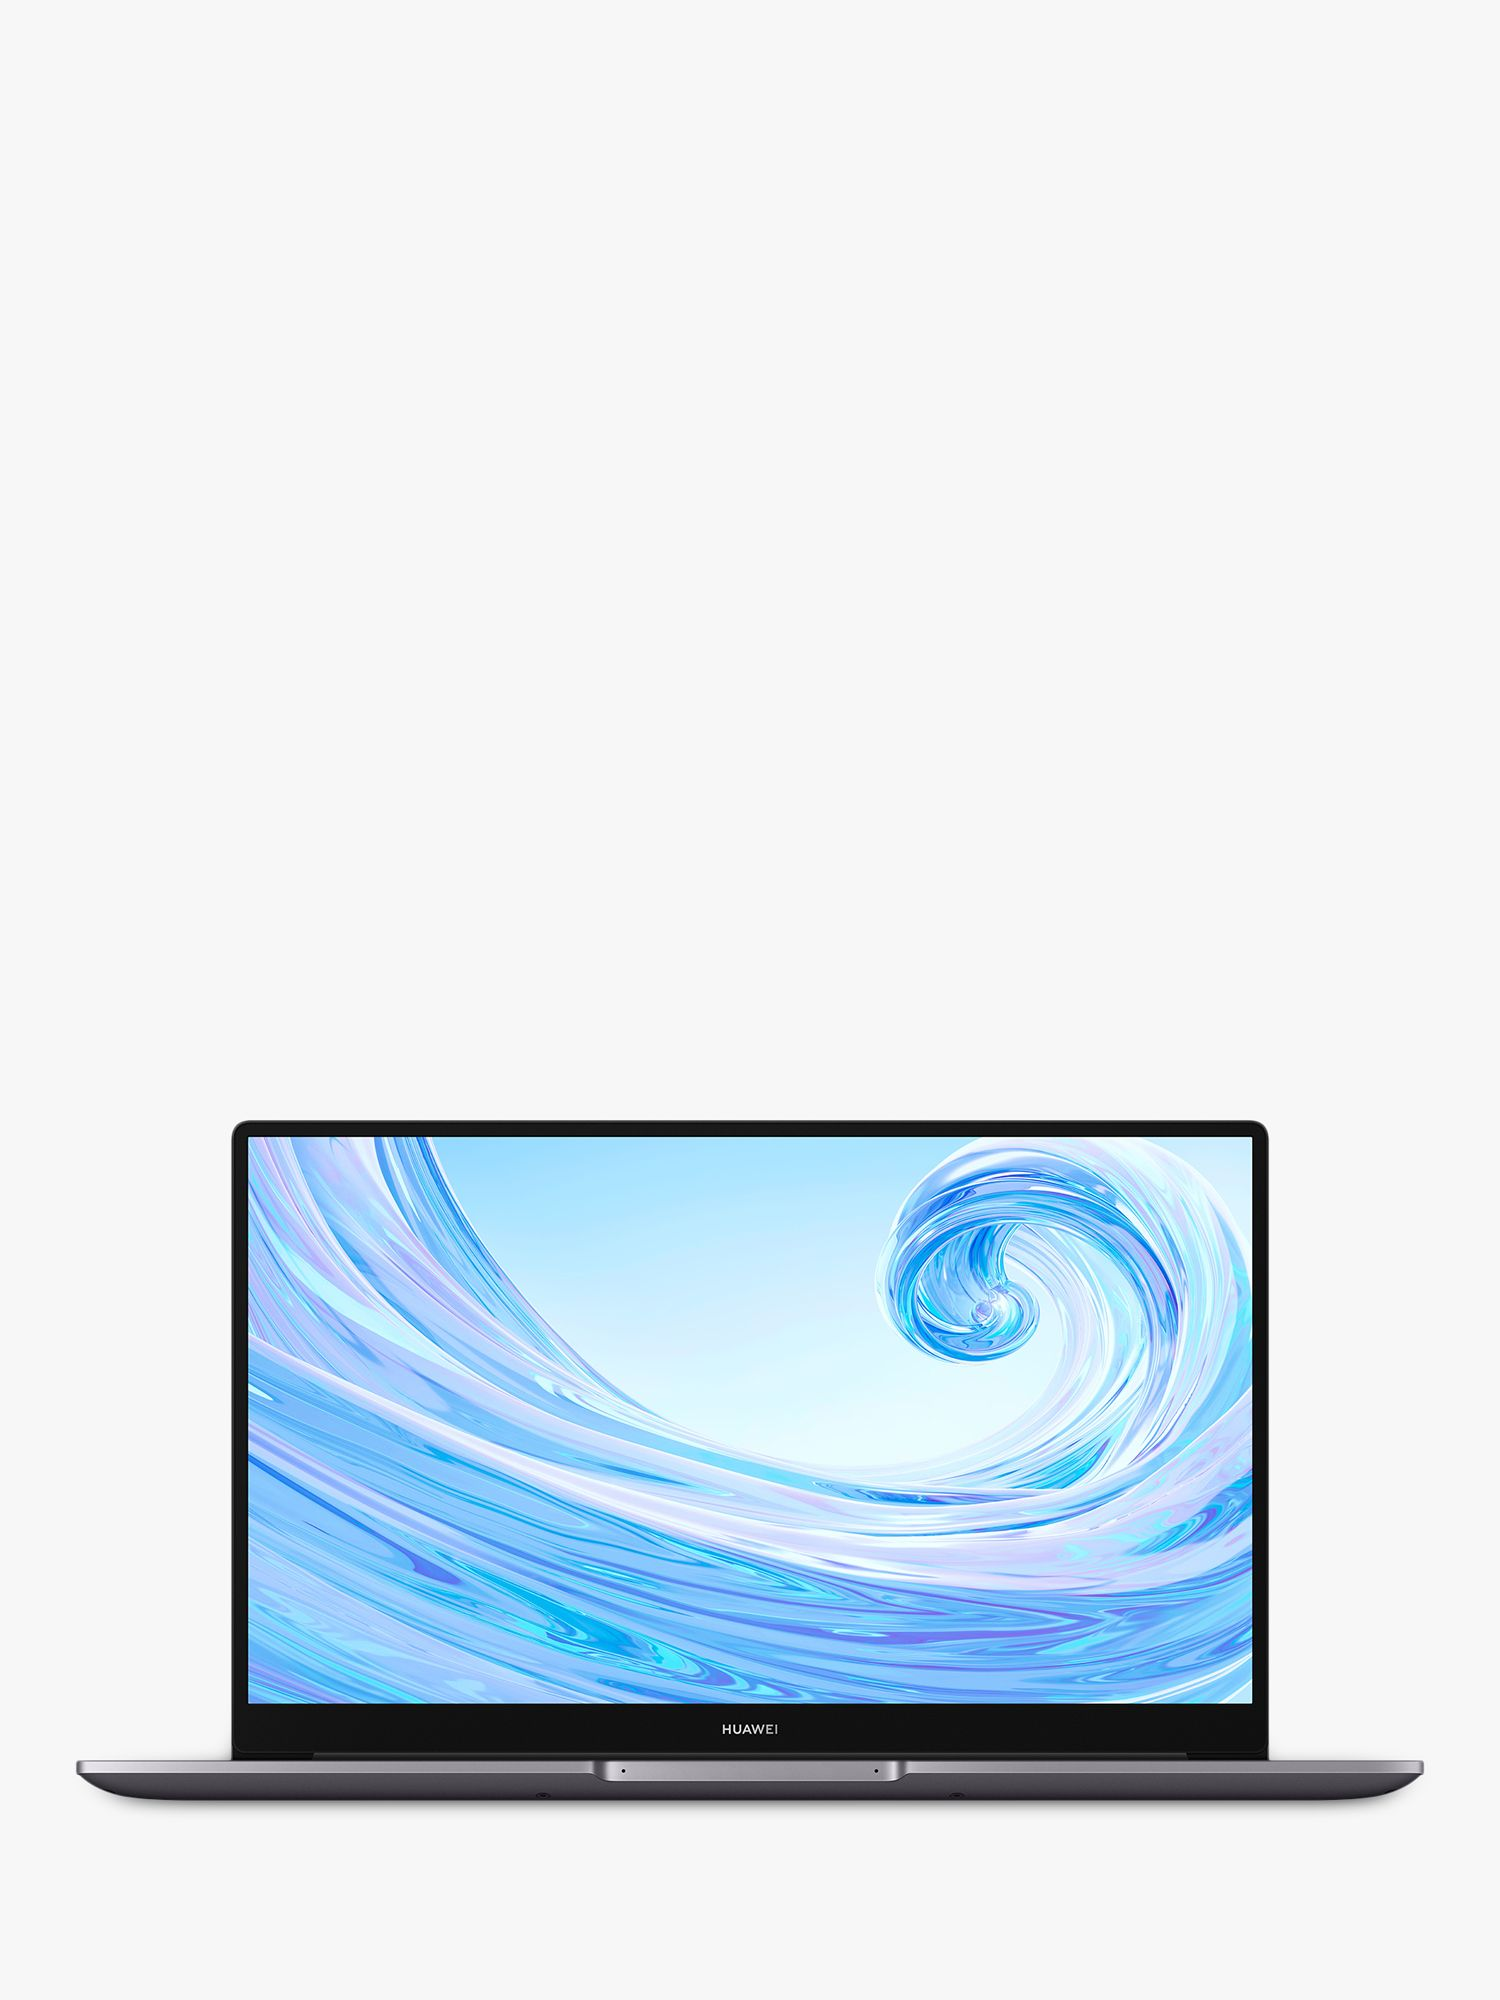 Huawei Matebook D 15 2020 Laptop, AMD Ryzen 7 Processor, 8GB RAM, 512GB SSD, 15.6